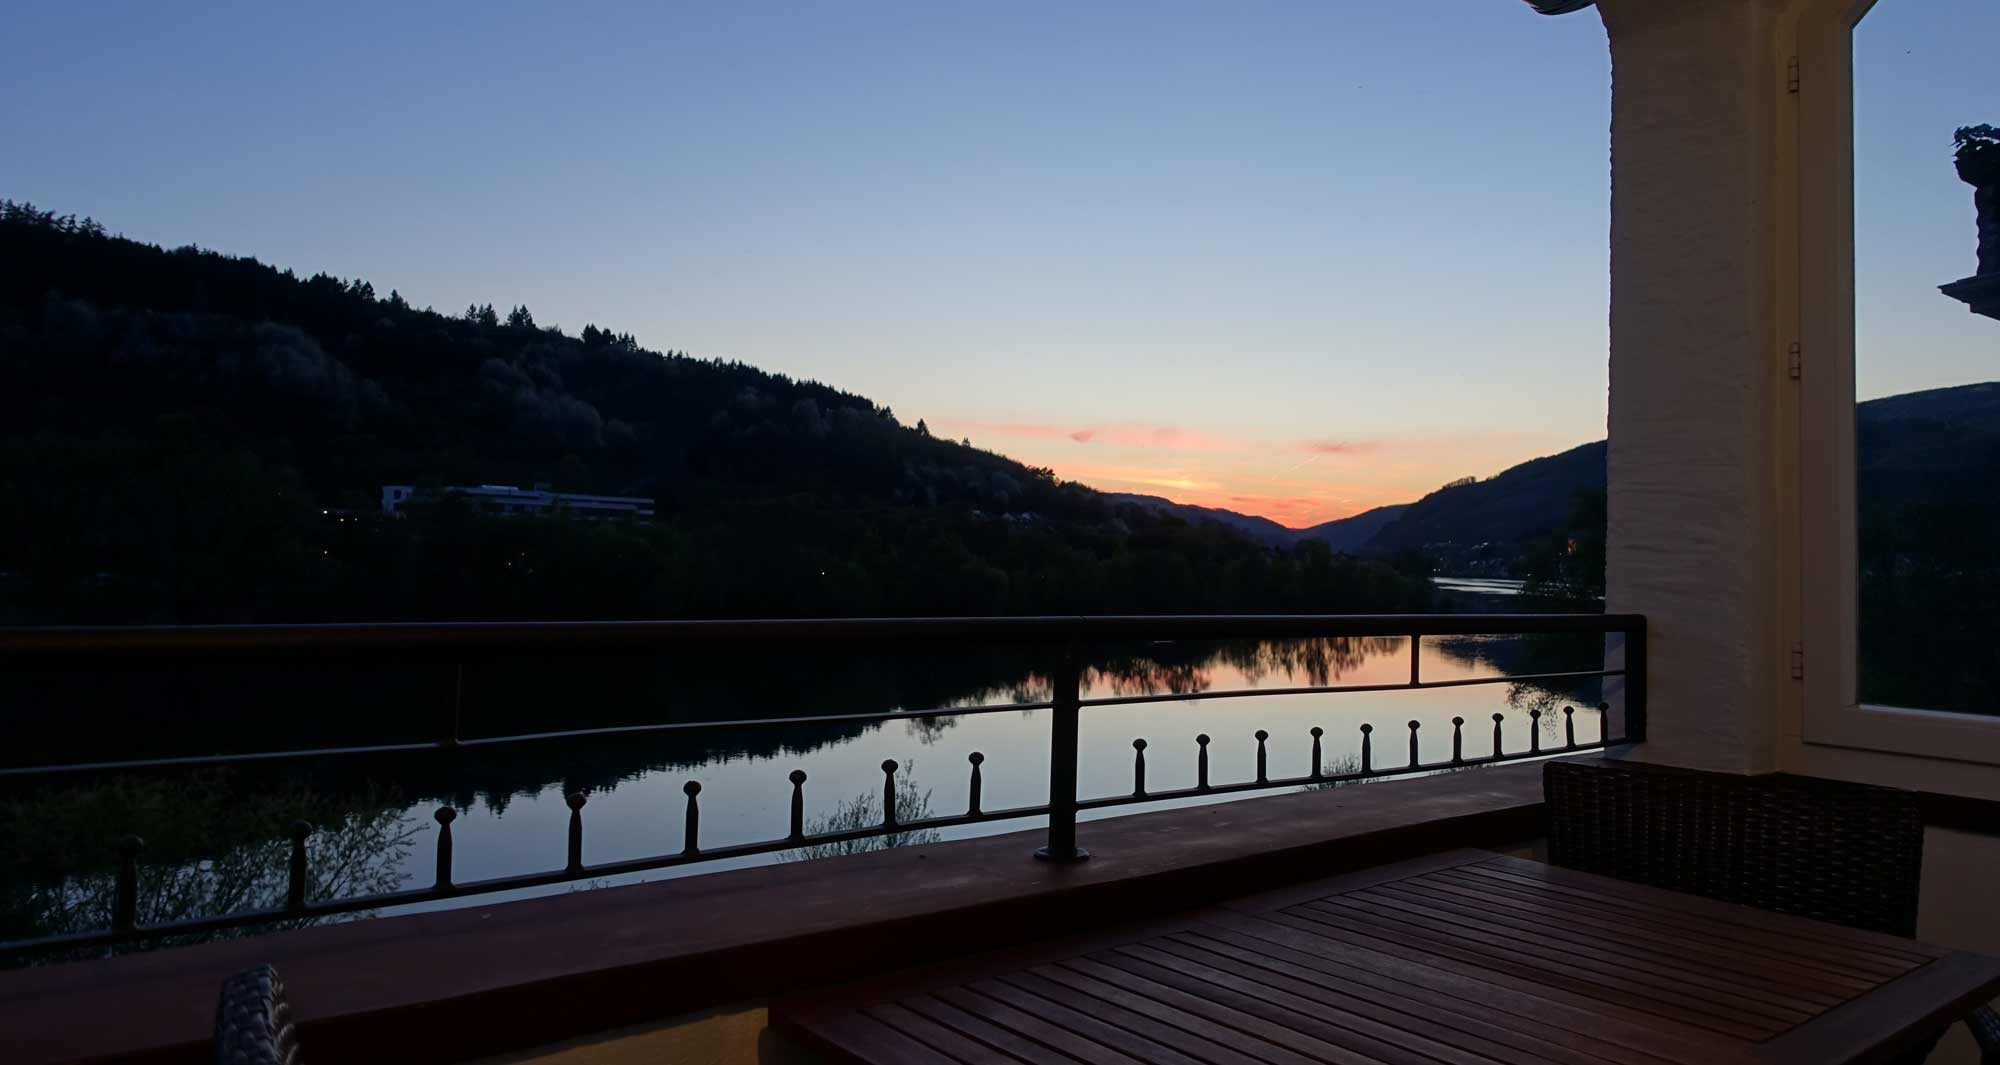 Sonnenuntergang am Ferienhaus